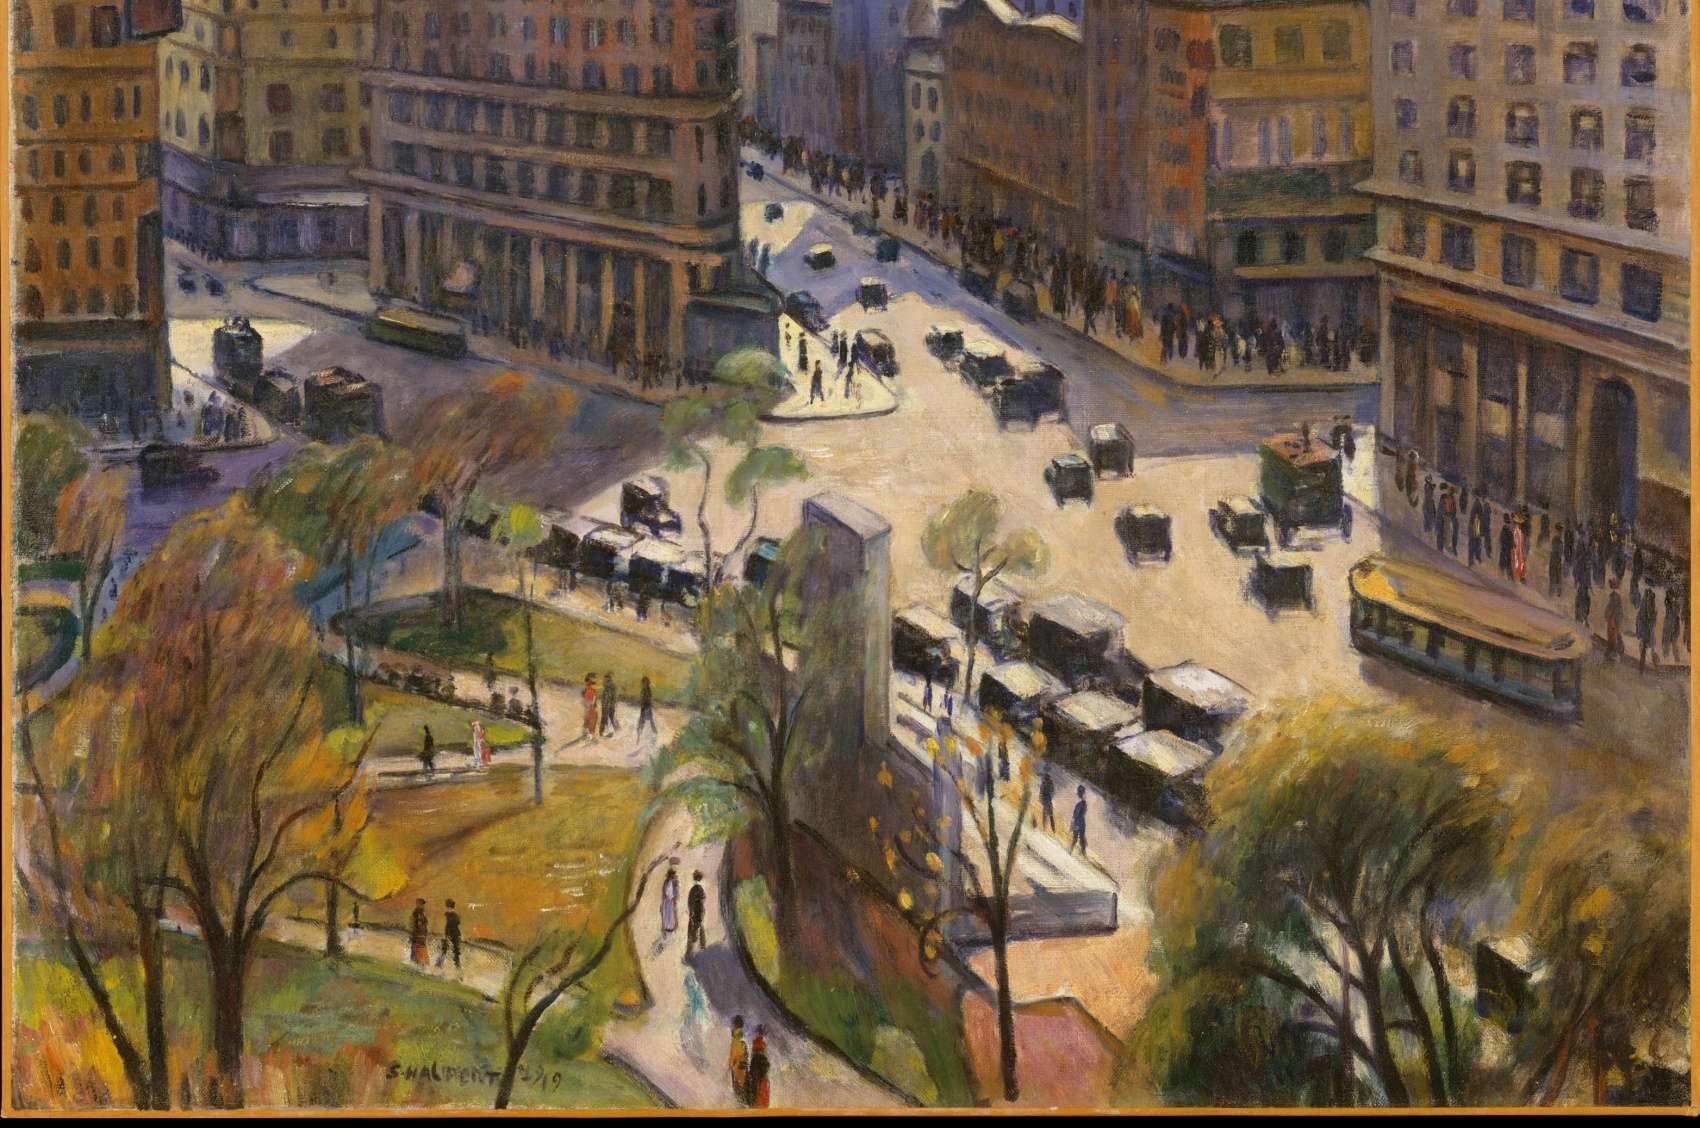 Samuel Halpert American Art